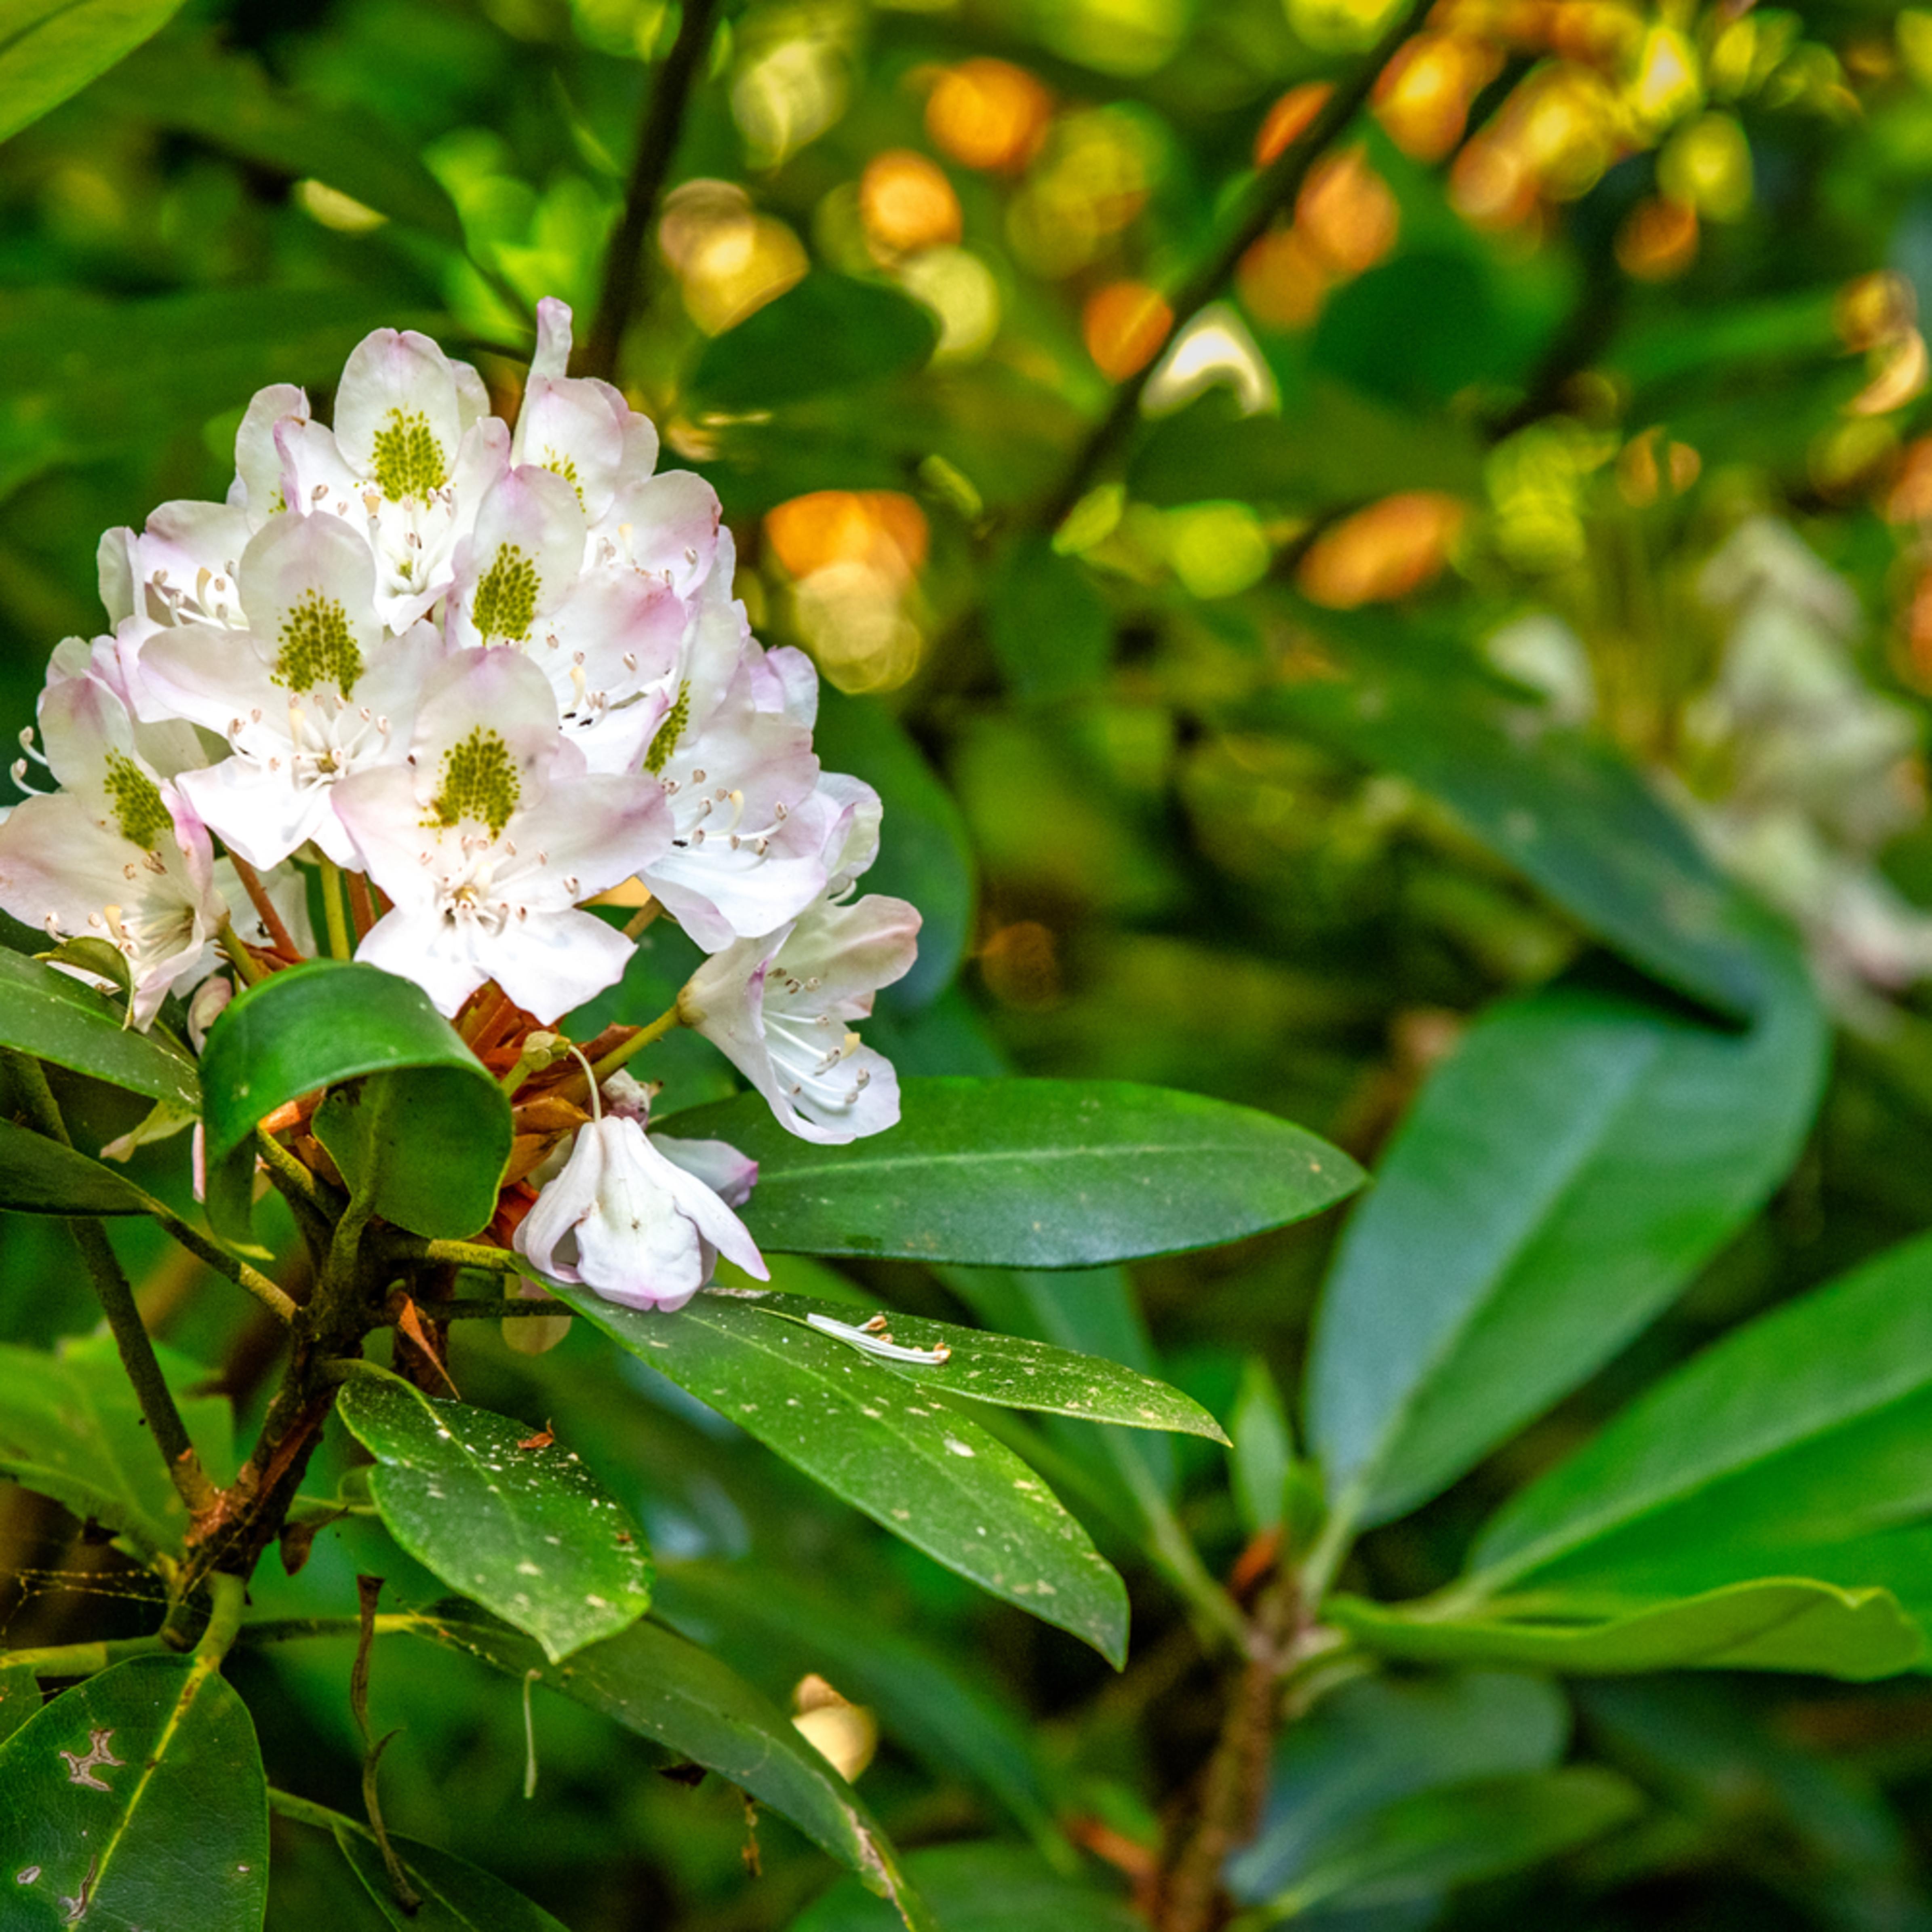 Andy crawford photography nantahala mountains rhododendron uralgp